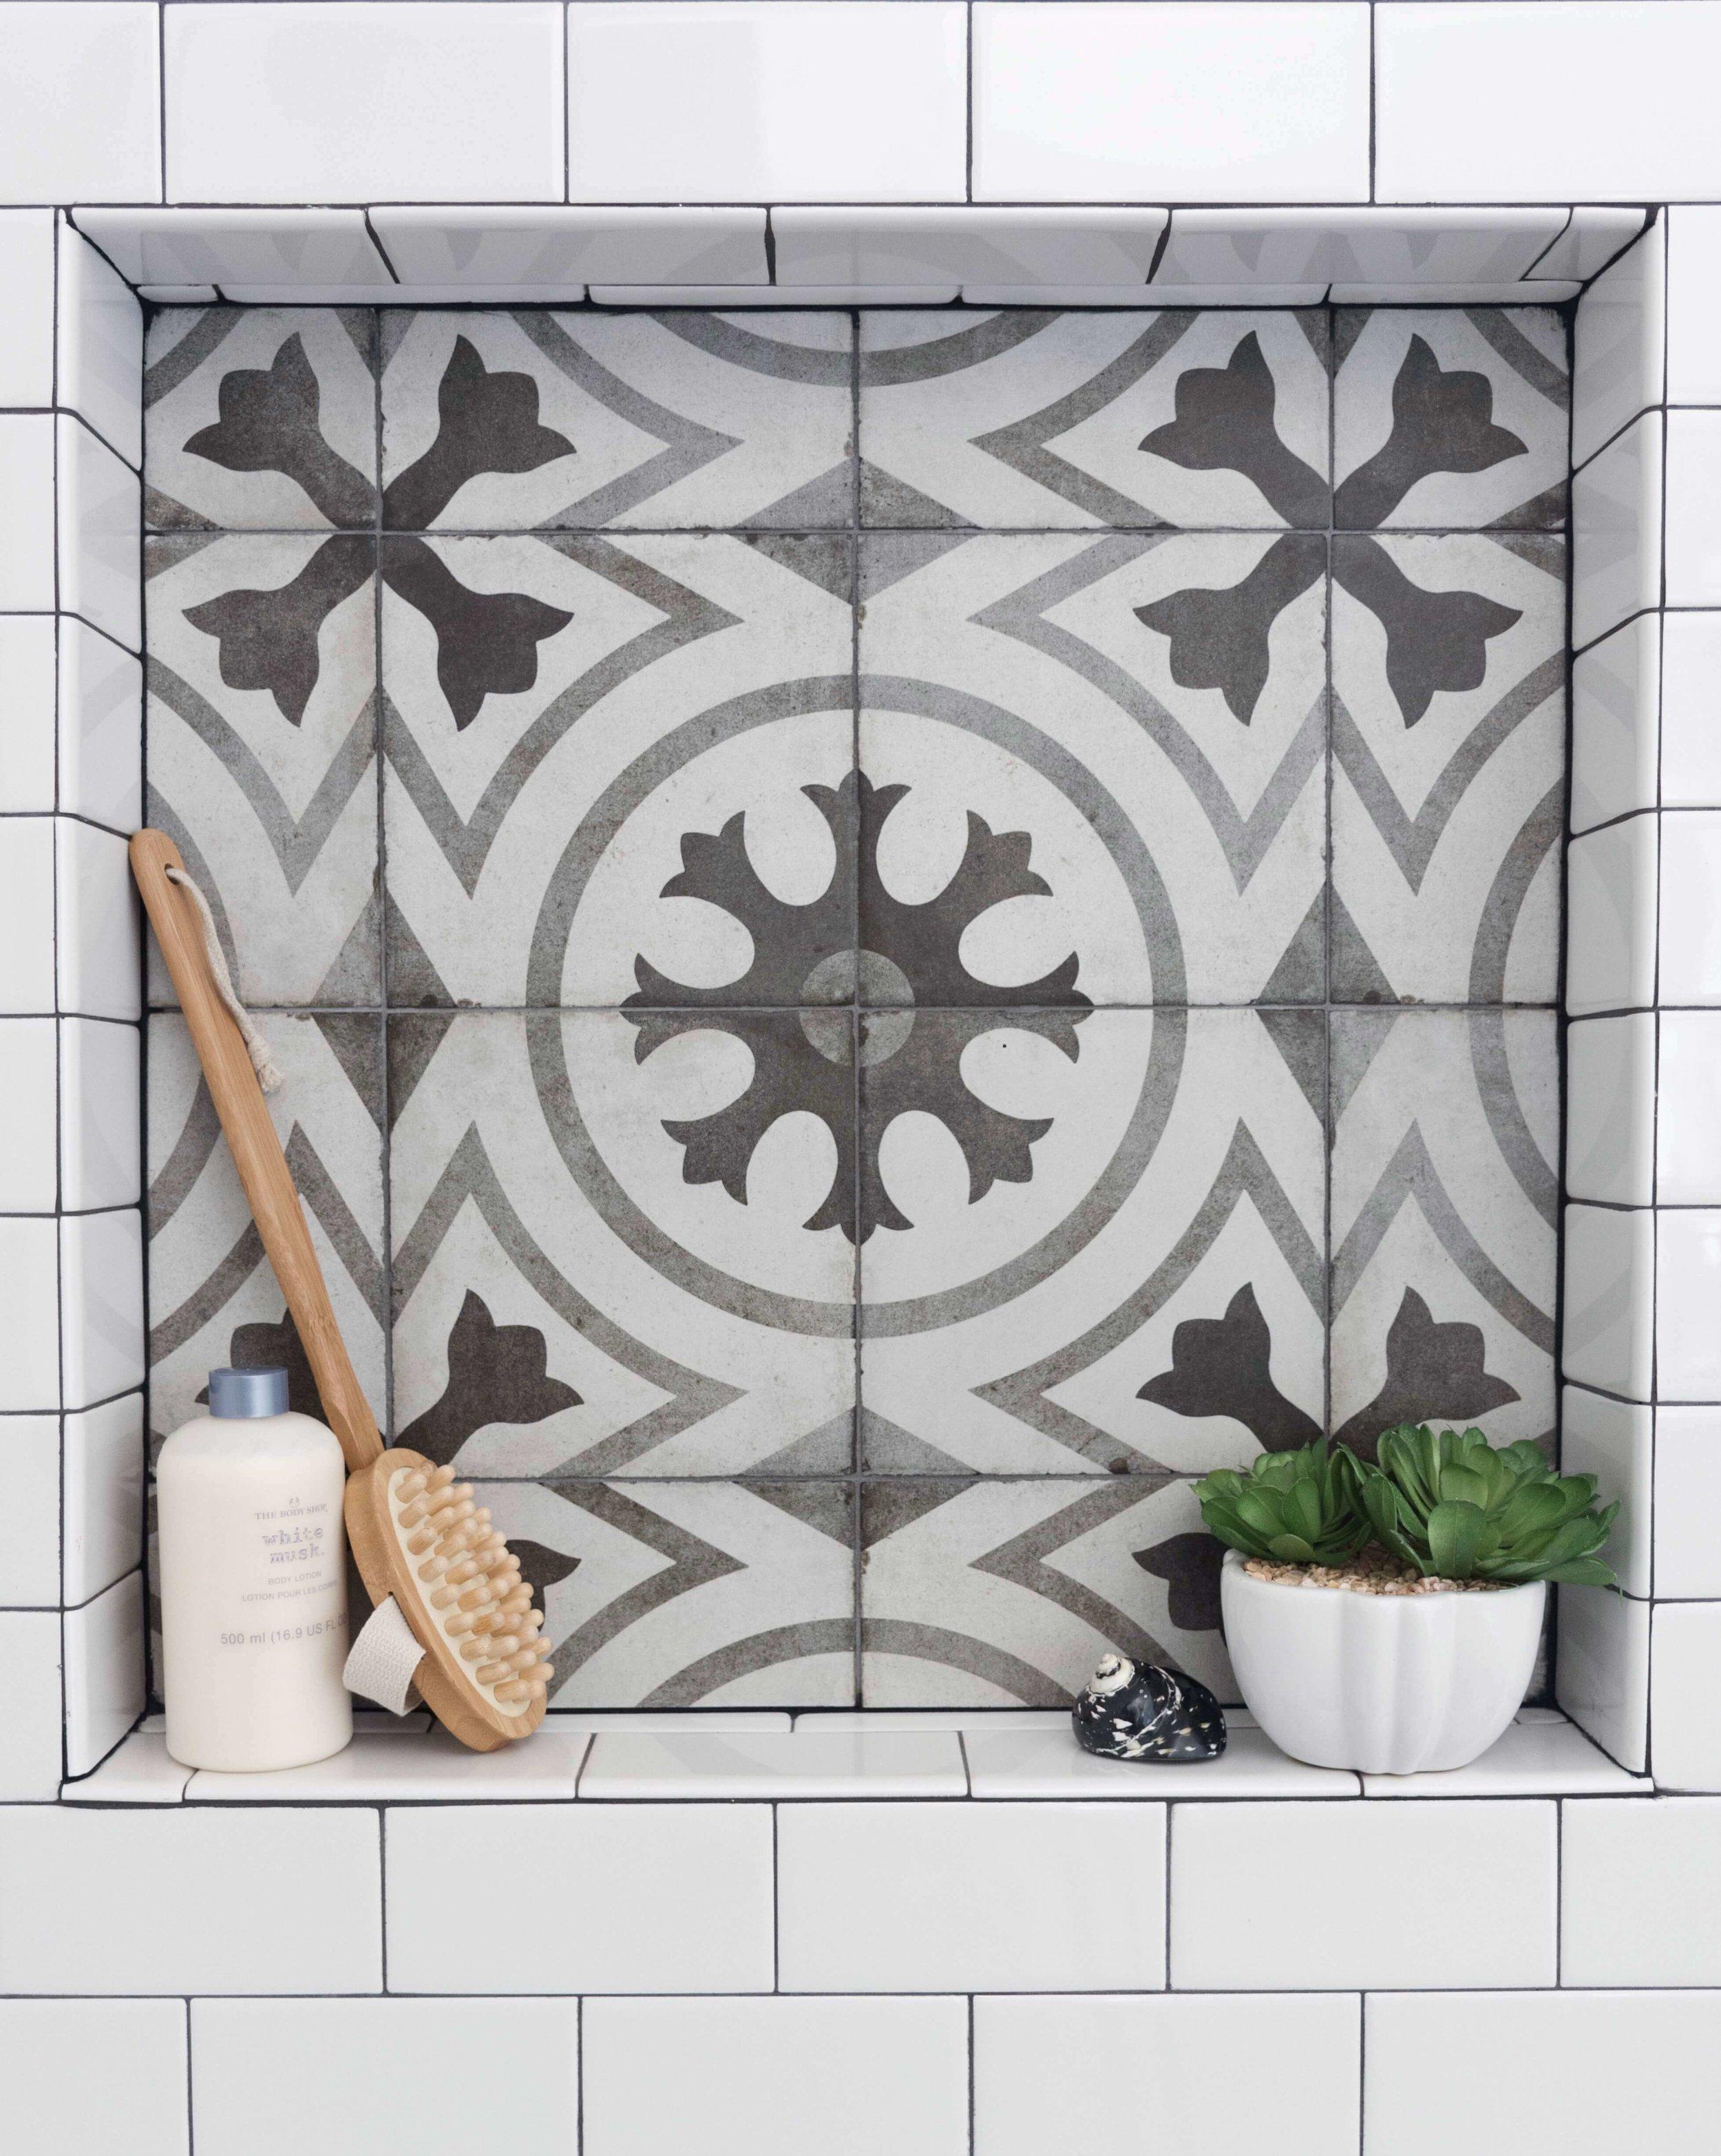 Shampoo niche in Bathroom Remodel by Carla Aston.jpg